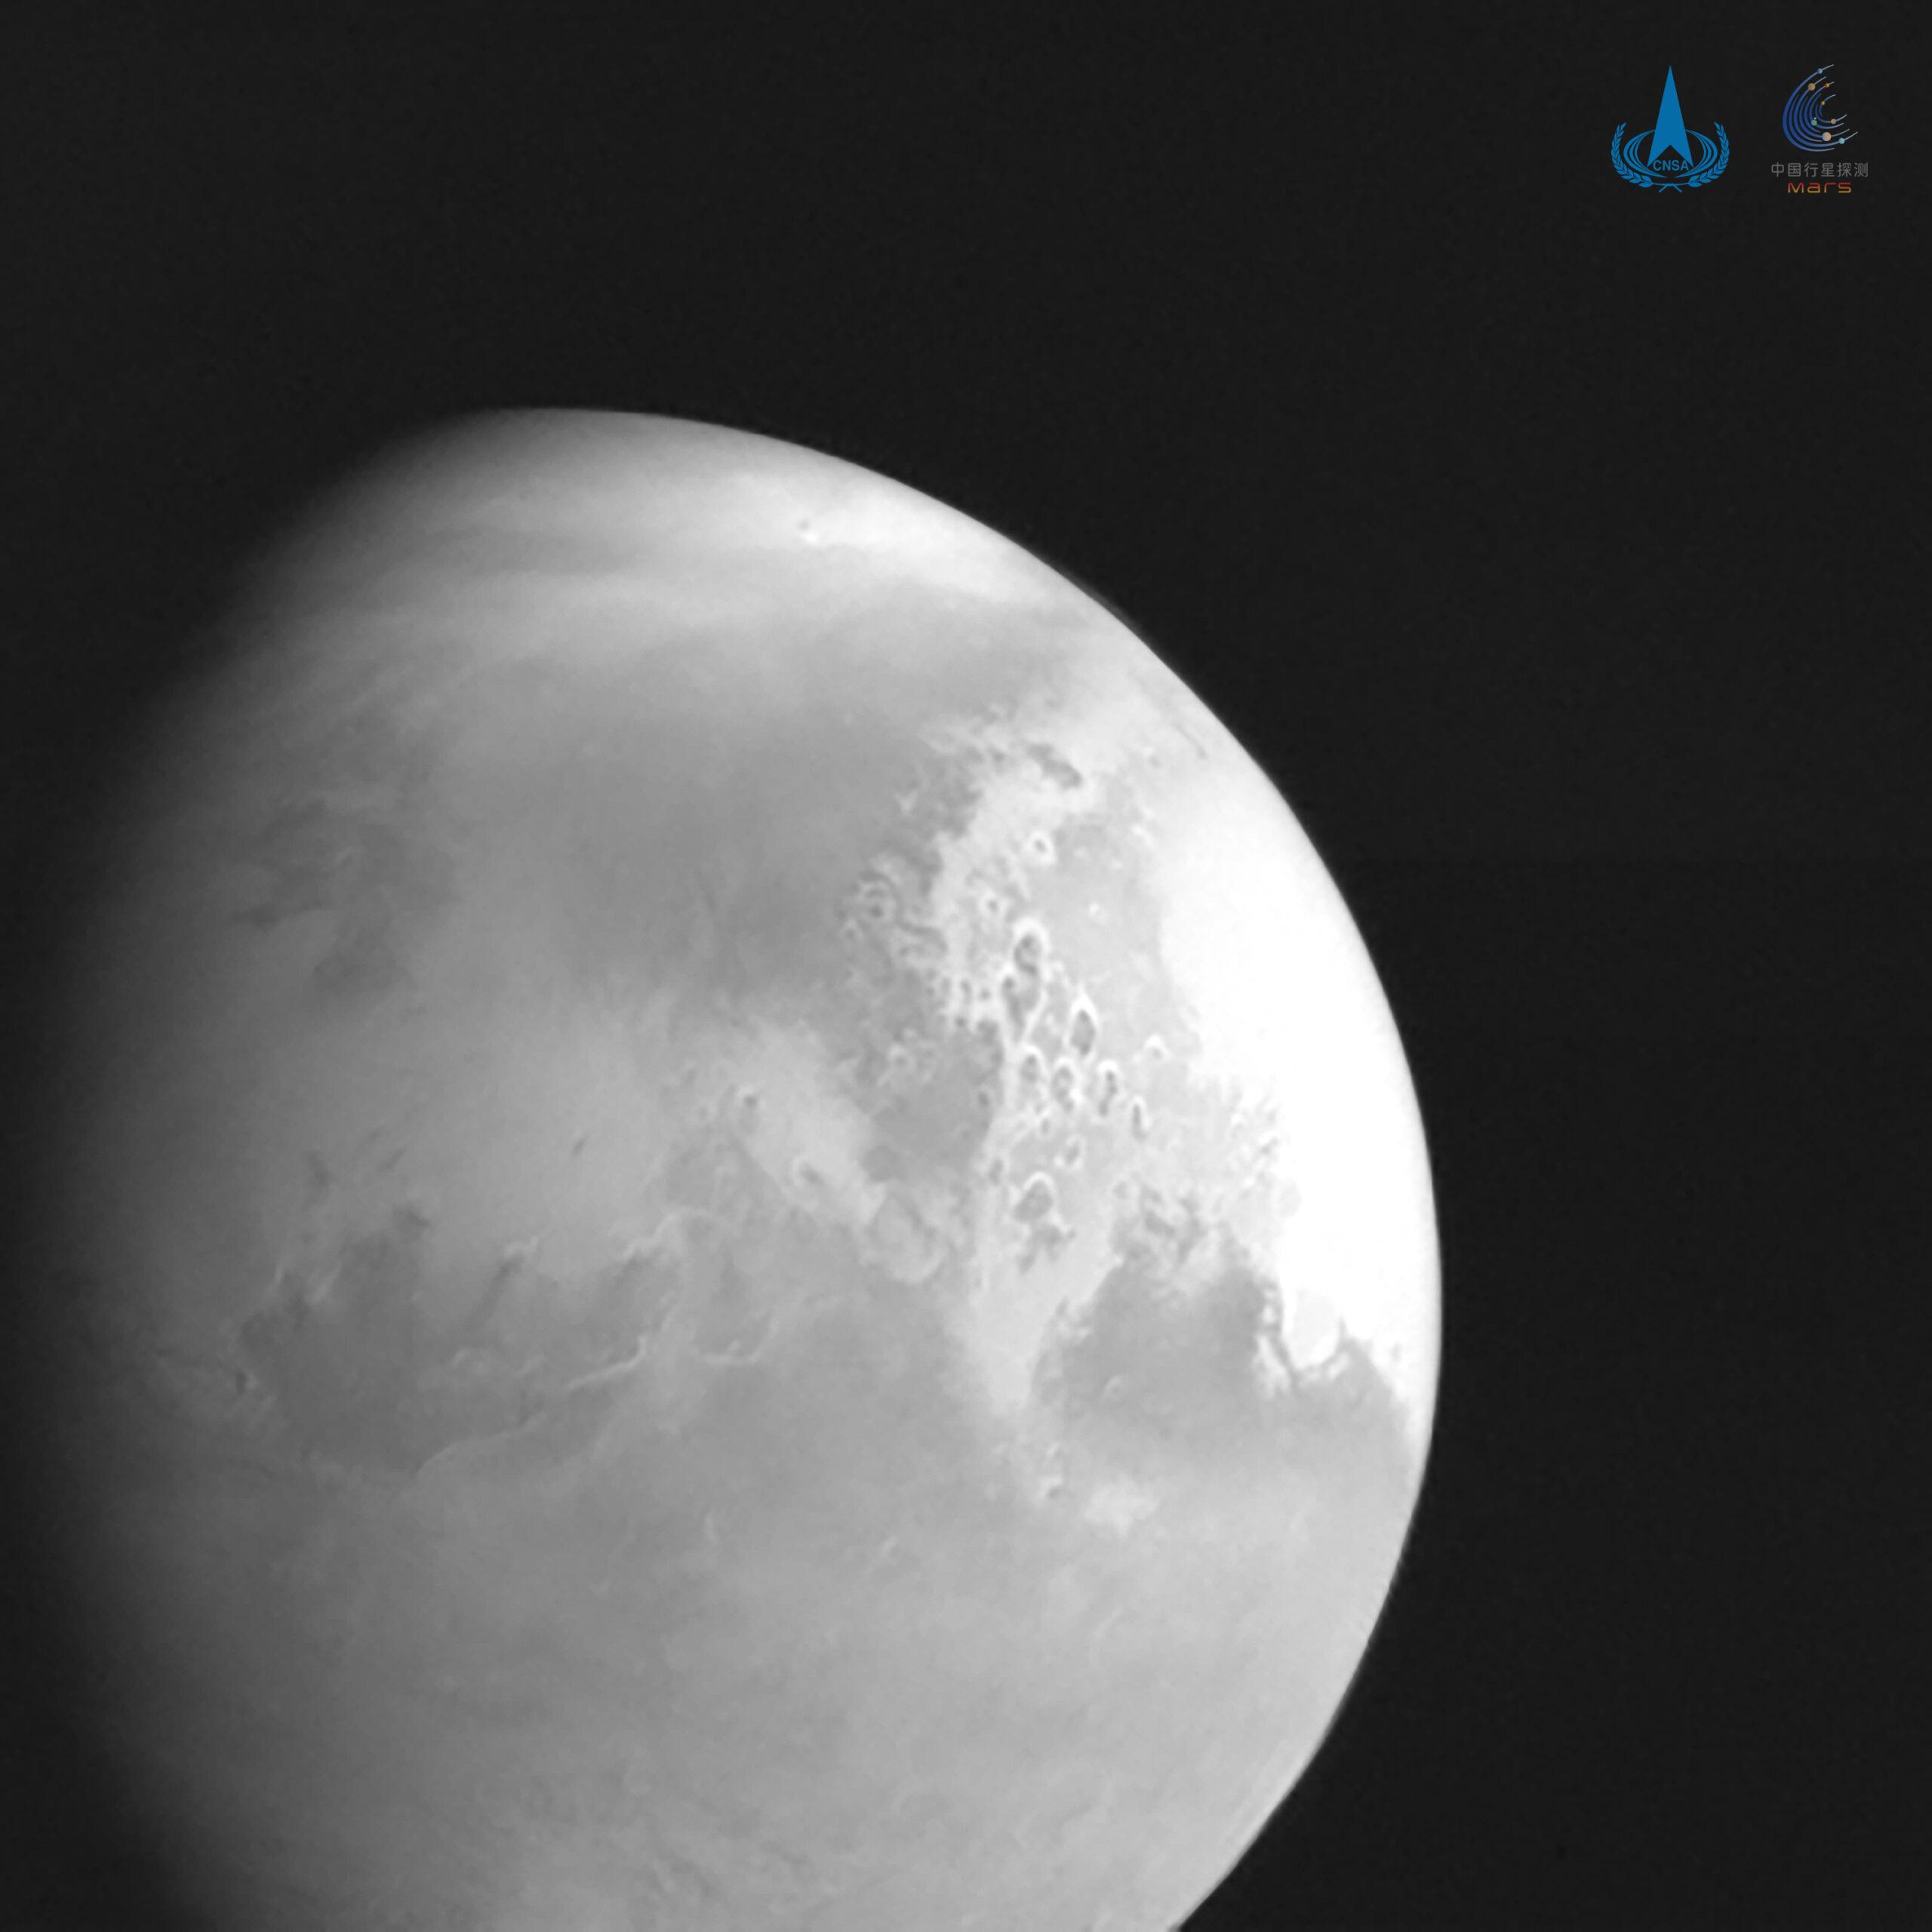 chińsja misja Tianwen-1 Mars orbita